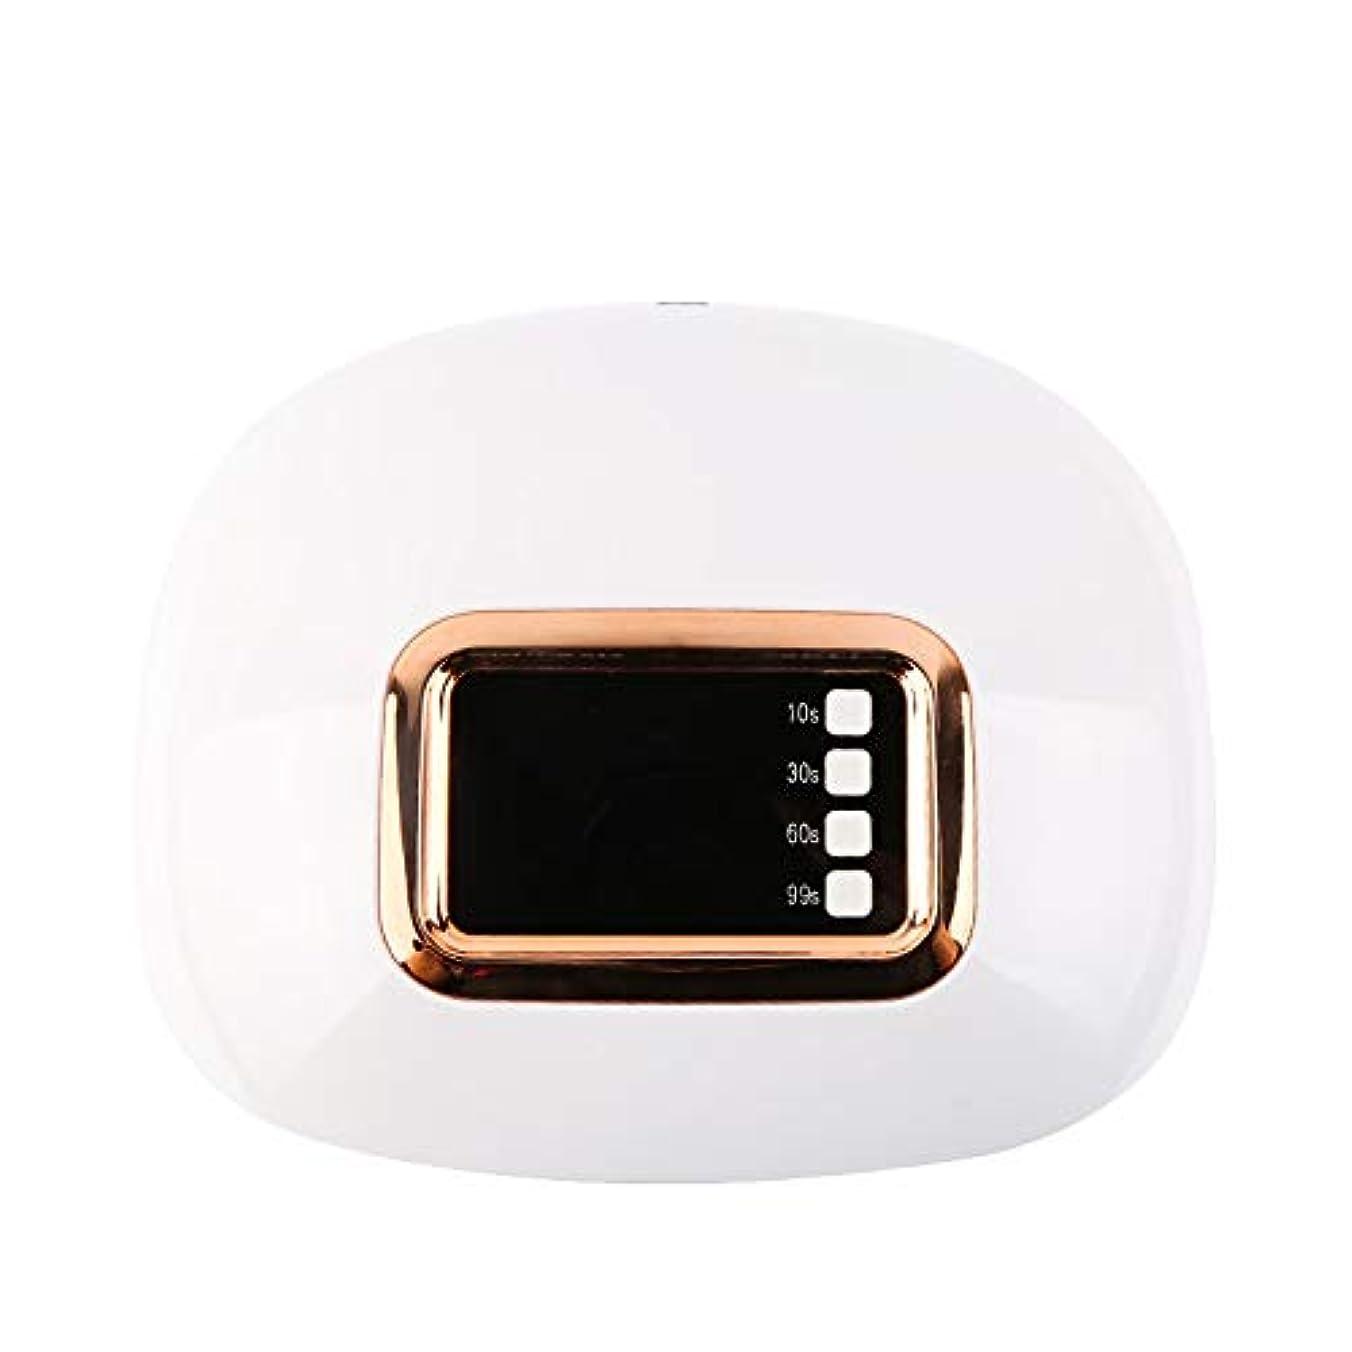 カブモンキー年金受給者4つのタイマーおよびシェラックおよびゲルの釘のためのデジタル表示装置が付いている専門の紫外線およびLEDの釘ライトおよび釘のドライヤー